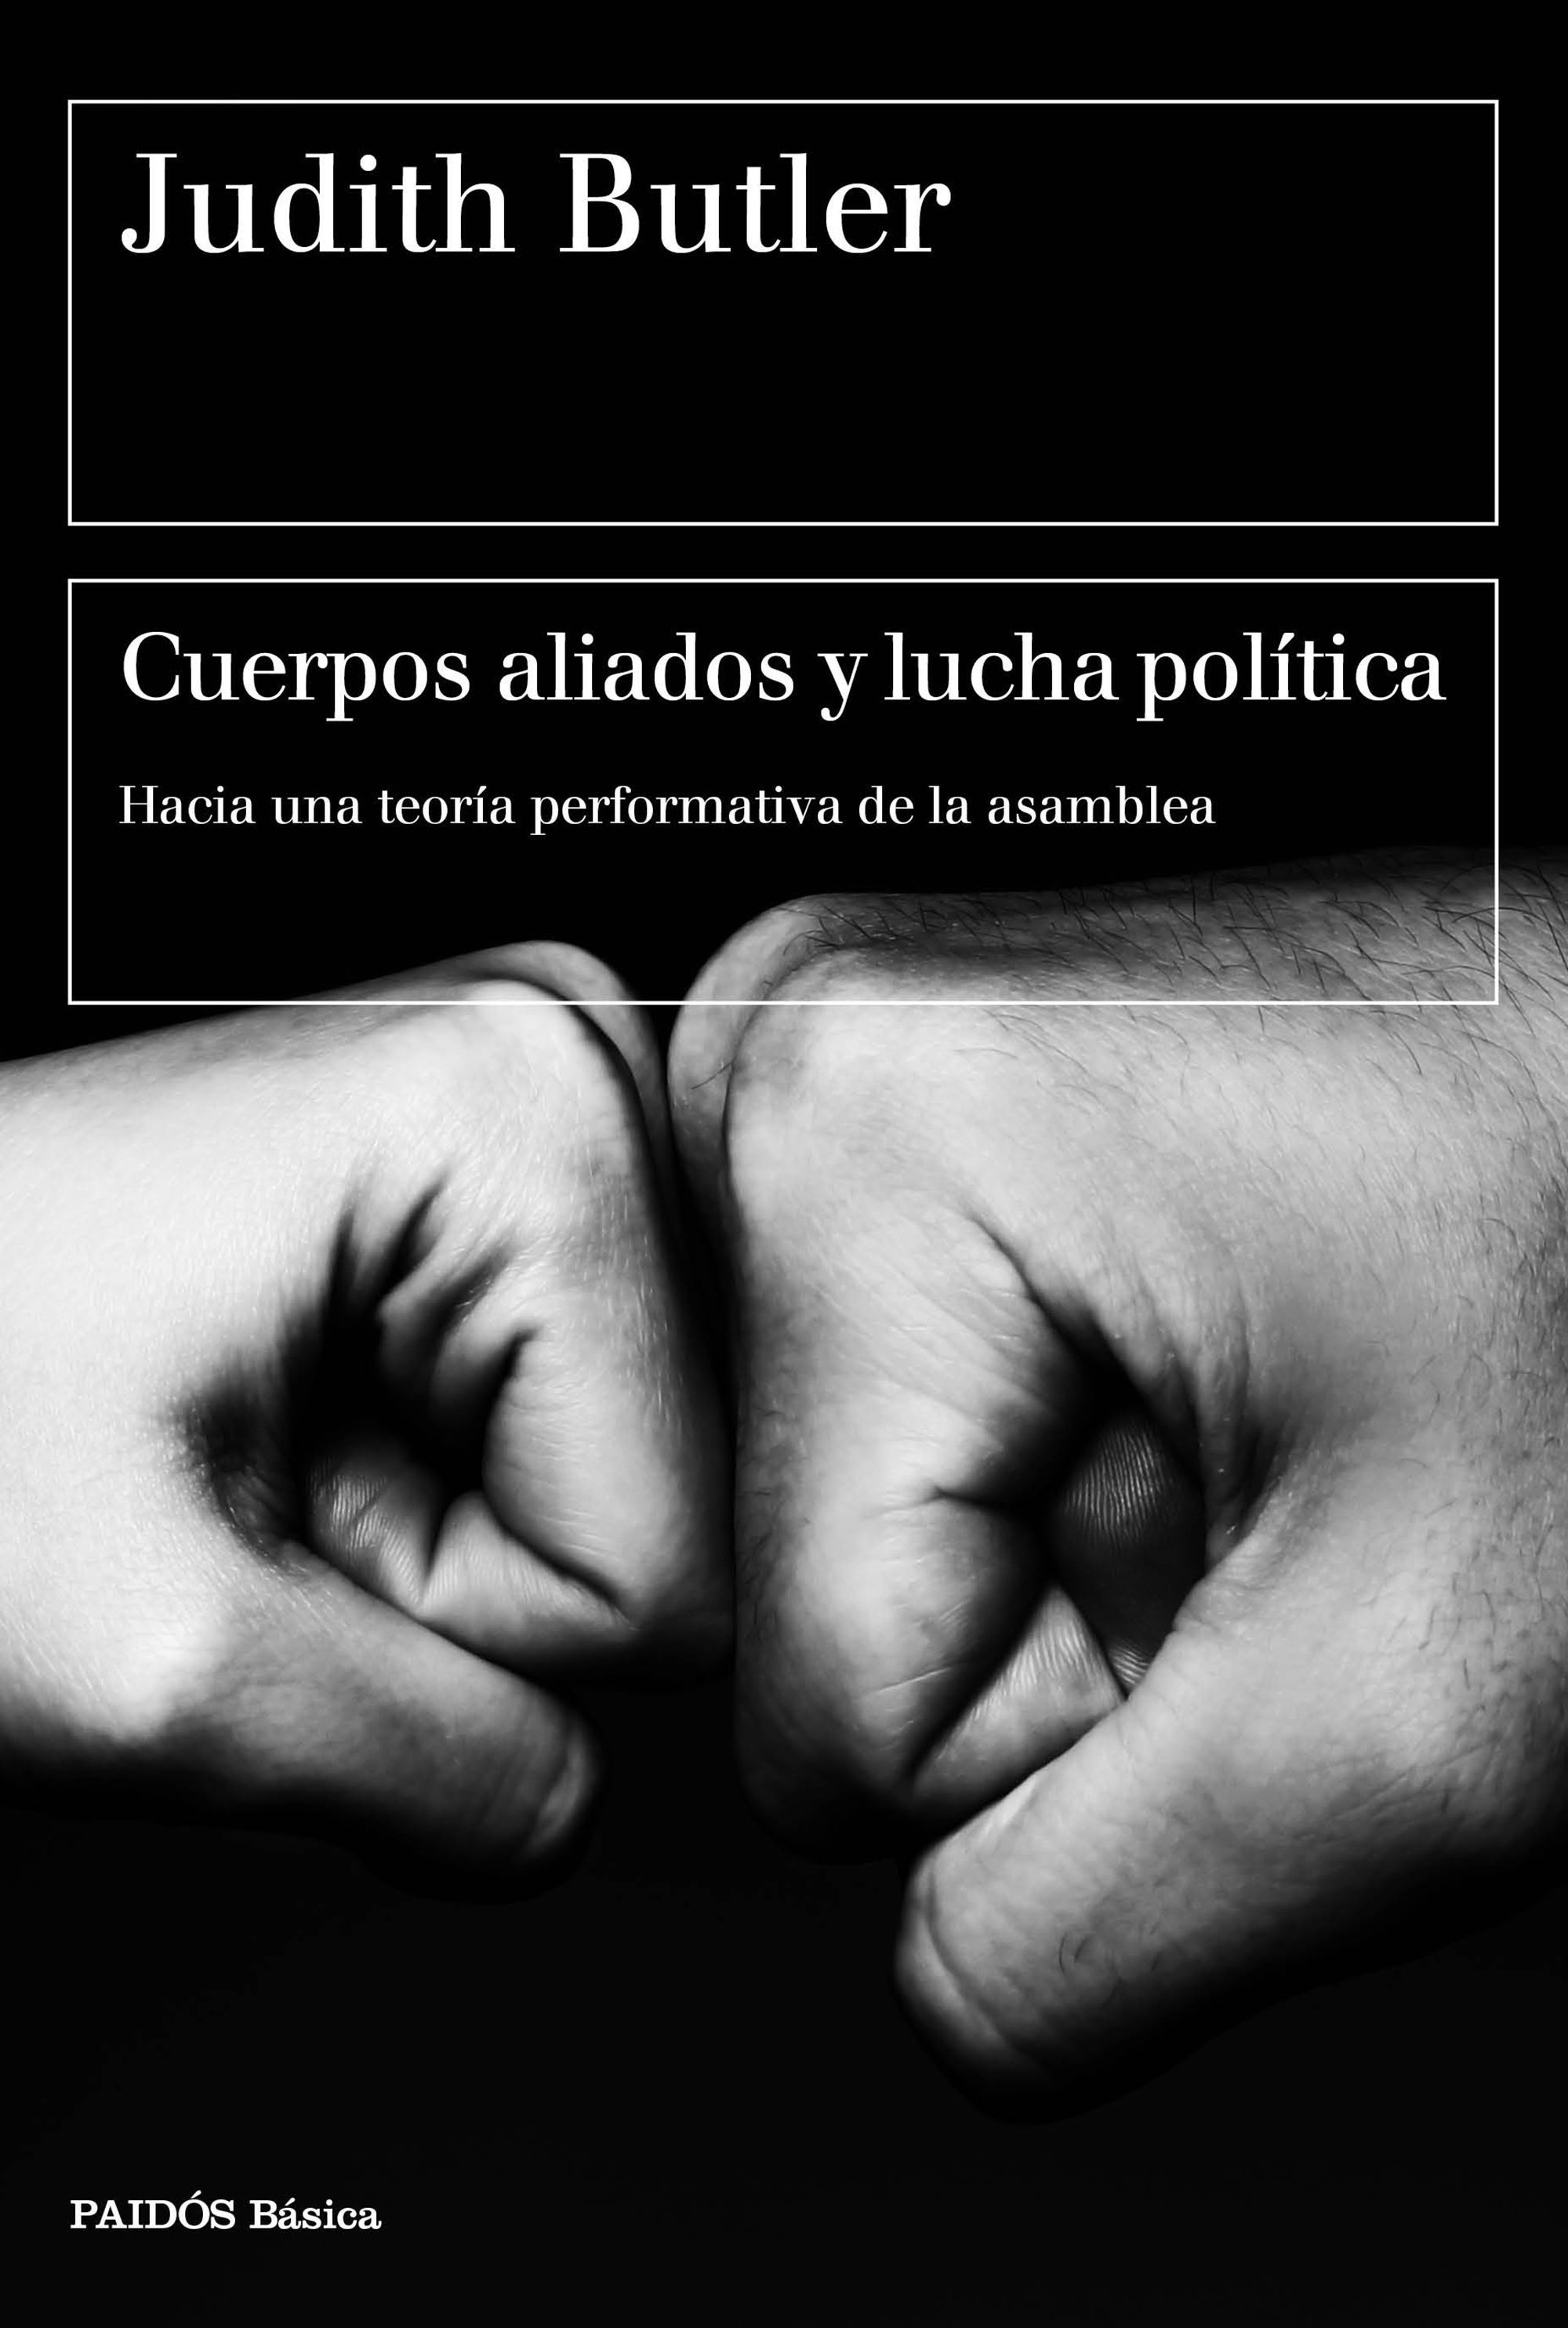 Cuerpos aliados y lucha política : hacia una teoría performativa de la asamblea / Judith Butler.  Editorial:Barcelona : Paidós, 2017. http://absysnetweb.bbtk.ull.es/cgi-bin/abnetopac01?TITN=564641